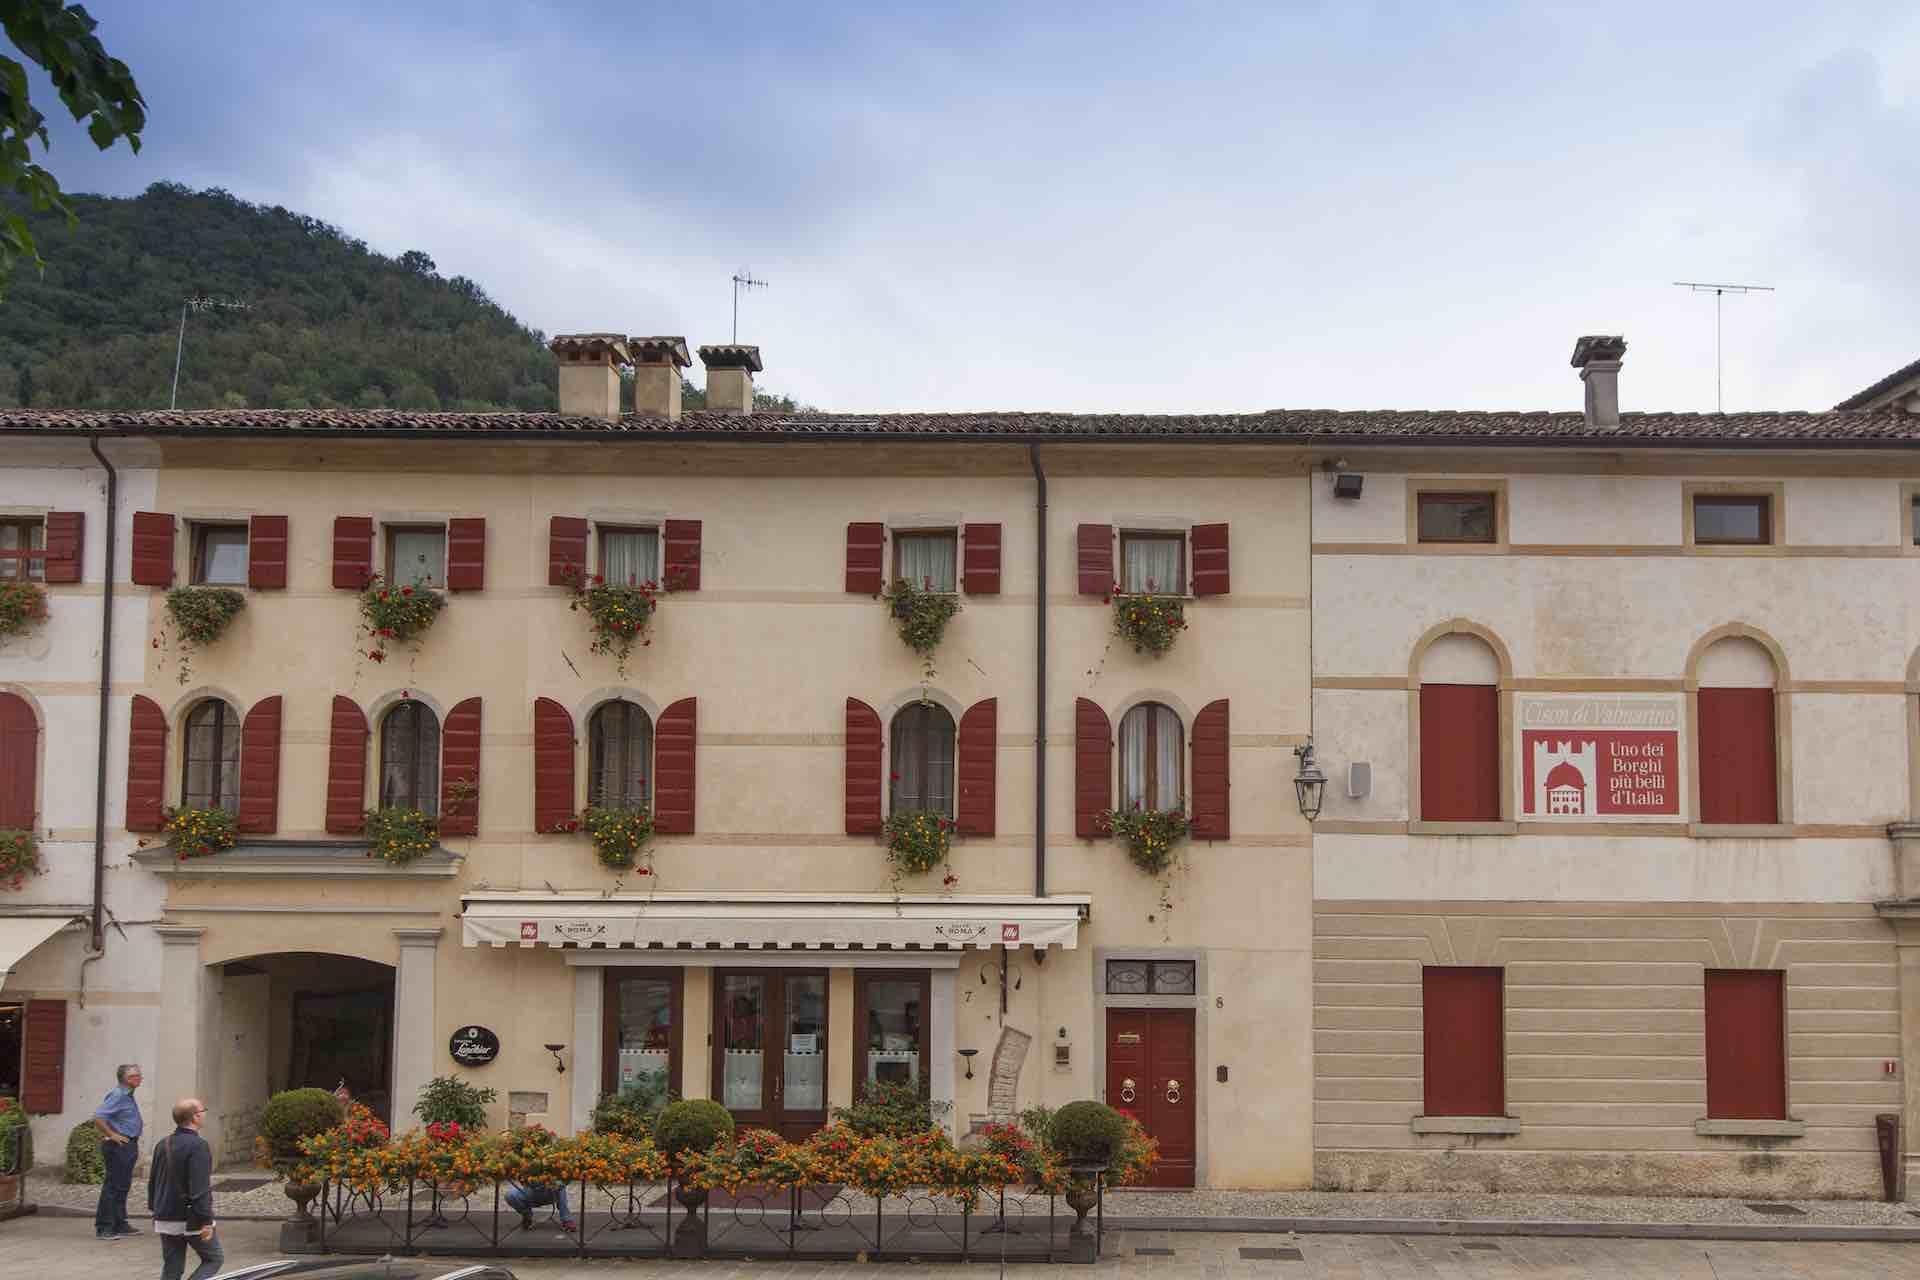 Visita uno dei Borghi più belli d'Italia in Treviso: Cison di Valmarino